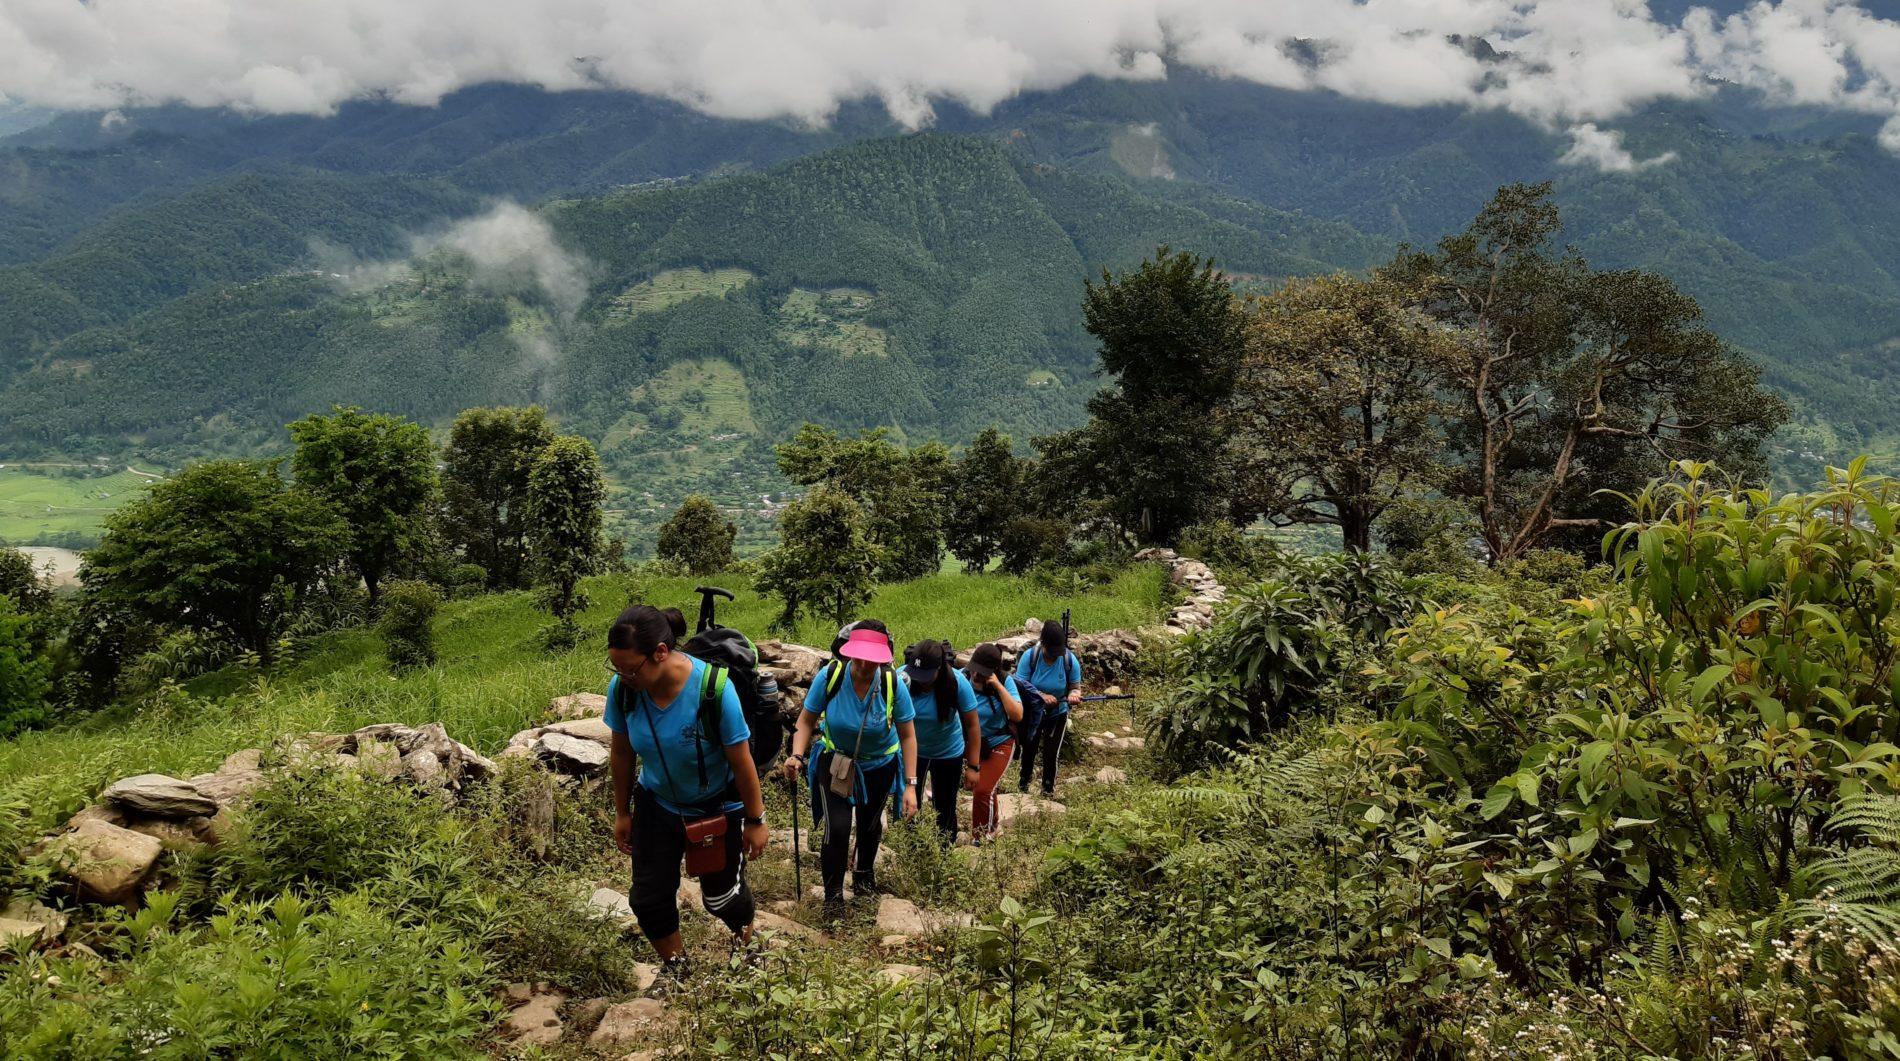 ISTO publica 20 buenas prácticas de turismo responsable y solidario